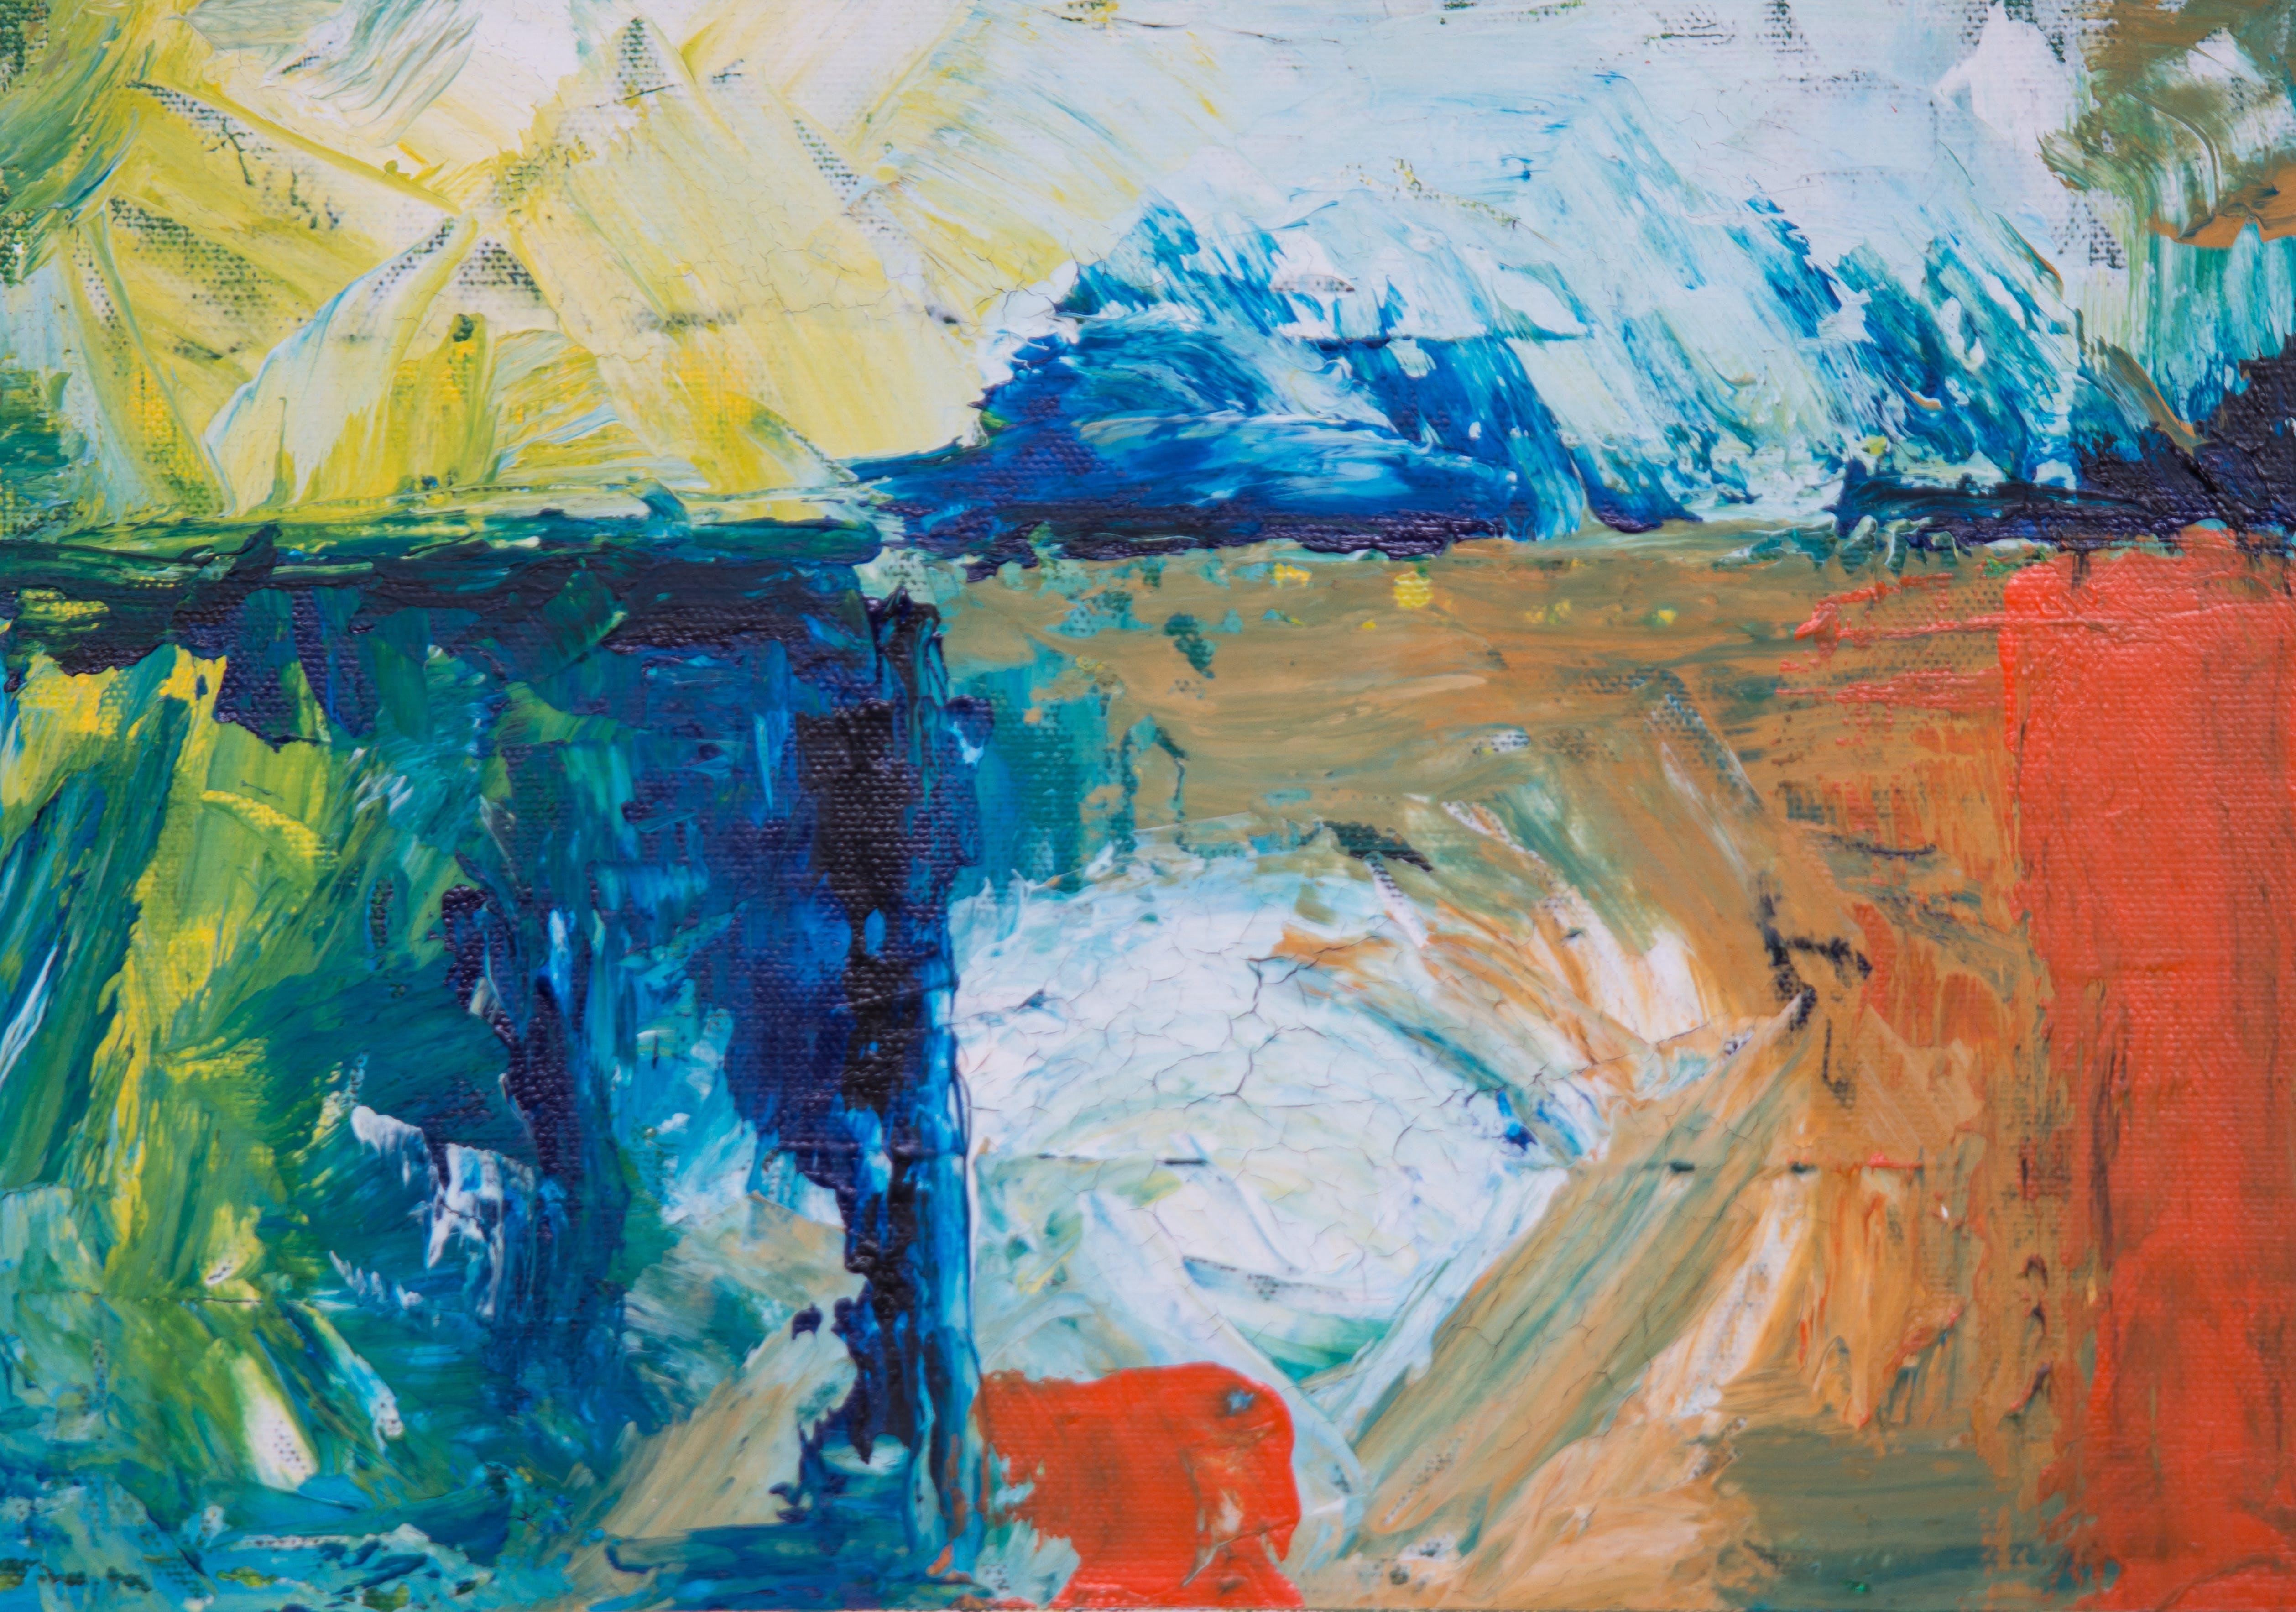 ακρυλική μπογιά, Ακρυλικό χρώμα, αφηρημένη ζωγραφική